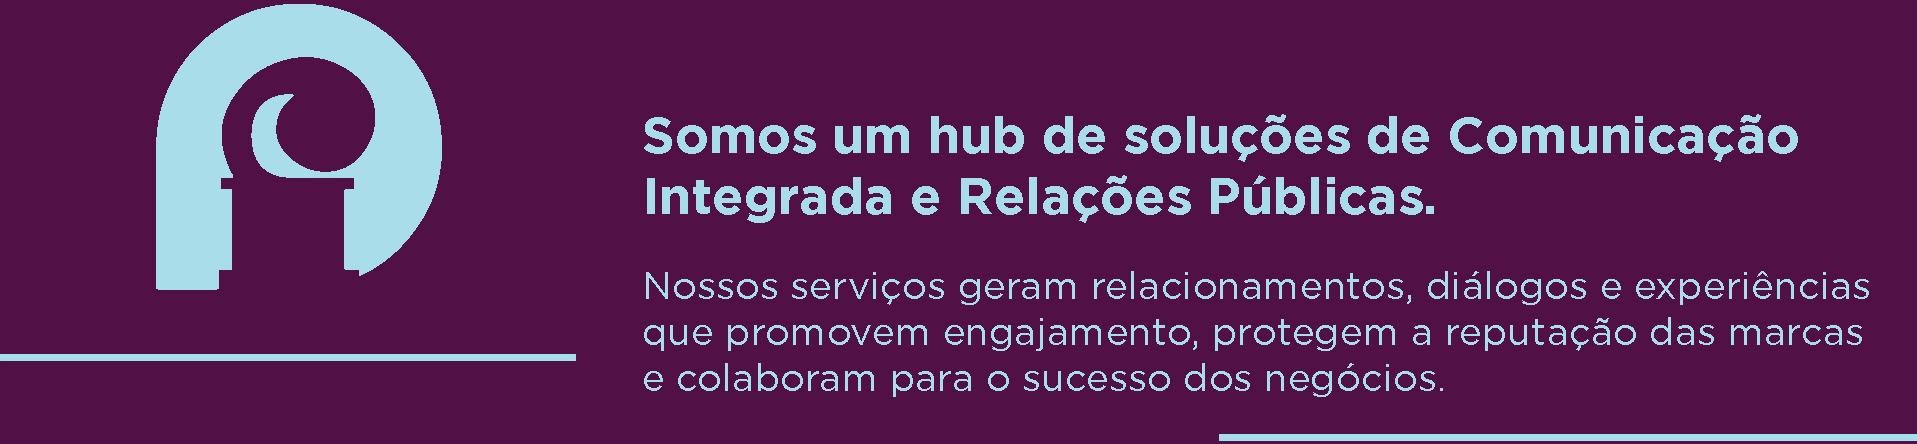 Fundamento RP | Somos um hub de soluções de Comunicação Integrada e Relações Públicas. Nossos serviços geram relacionamentos, diálogos e experiências que promovem engajamento, protegem a reputação das marcas e colaboram para o sucesso dos negócios.